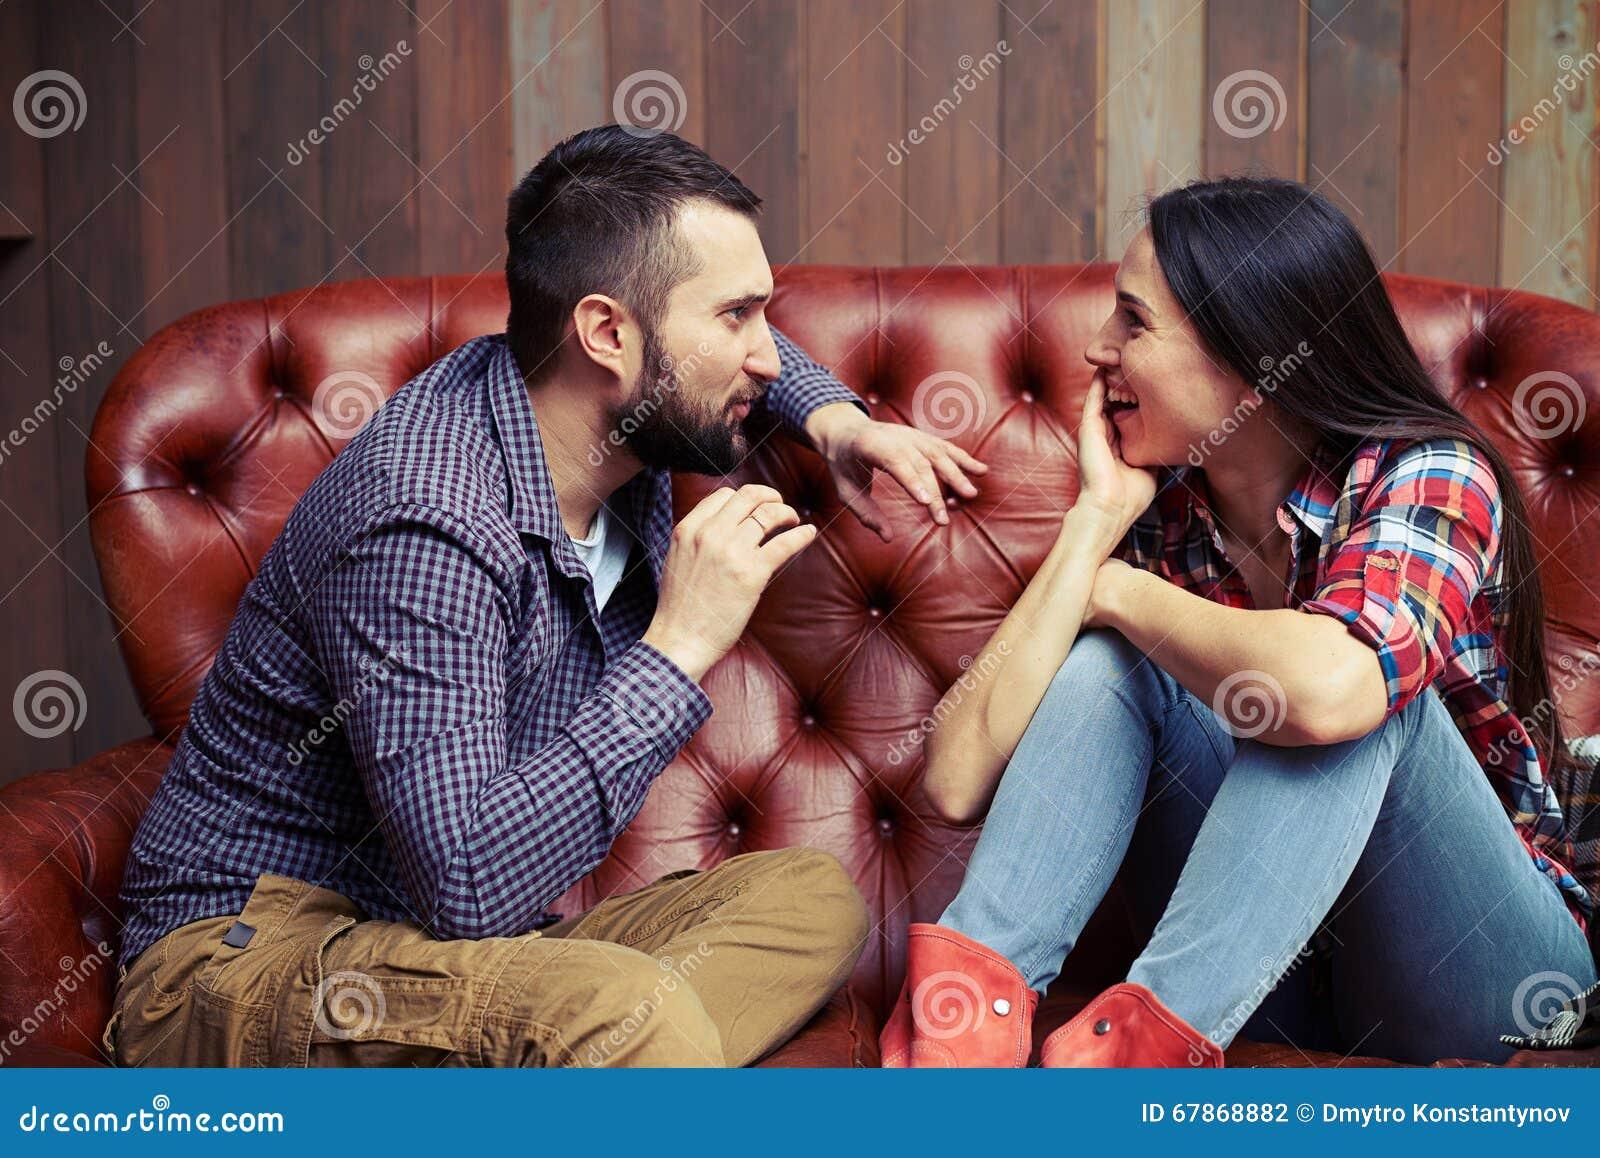 переговор между человеком и женщиной